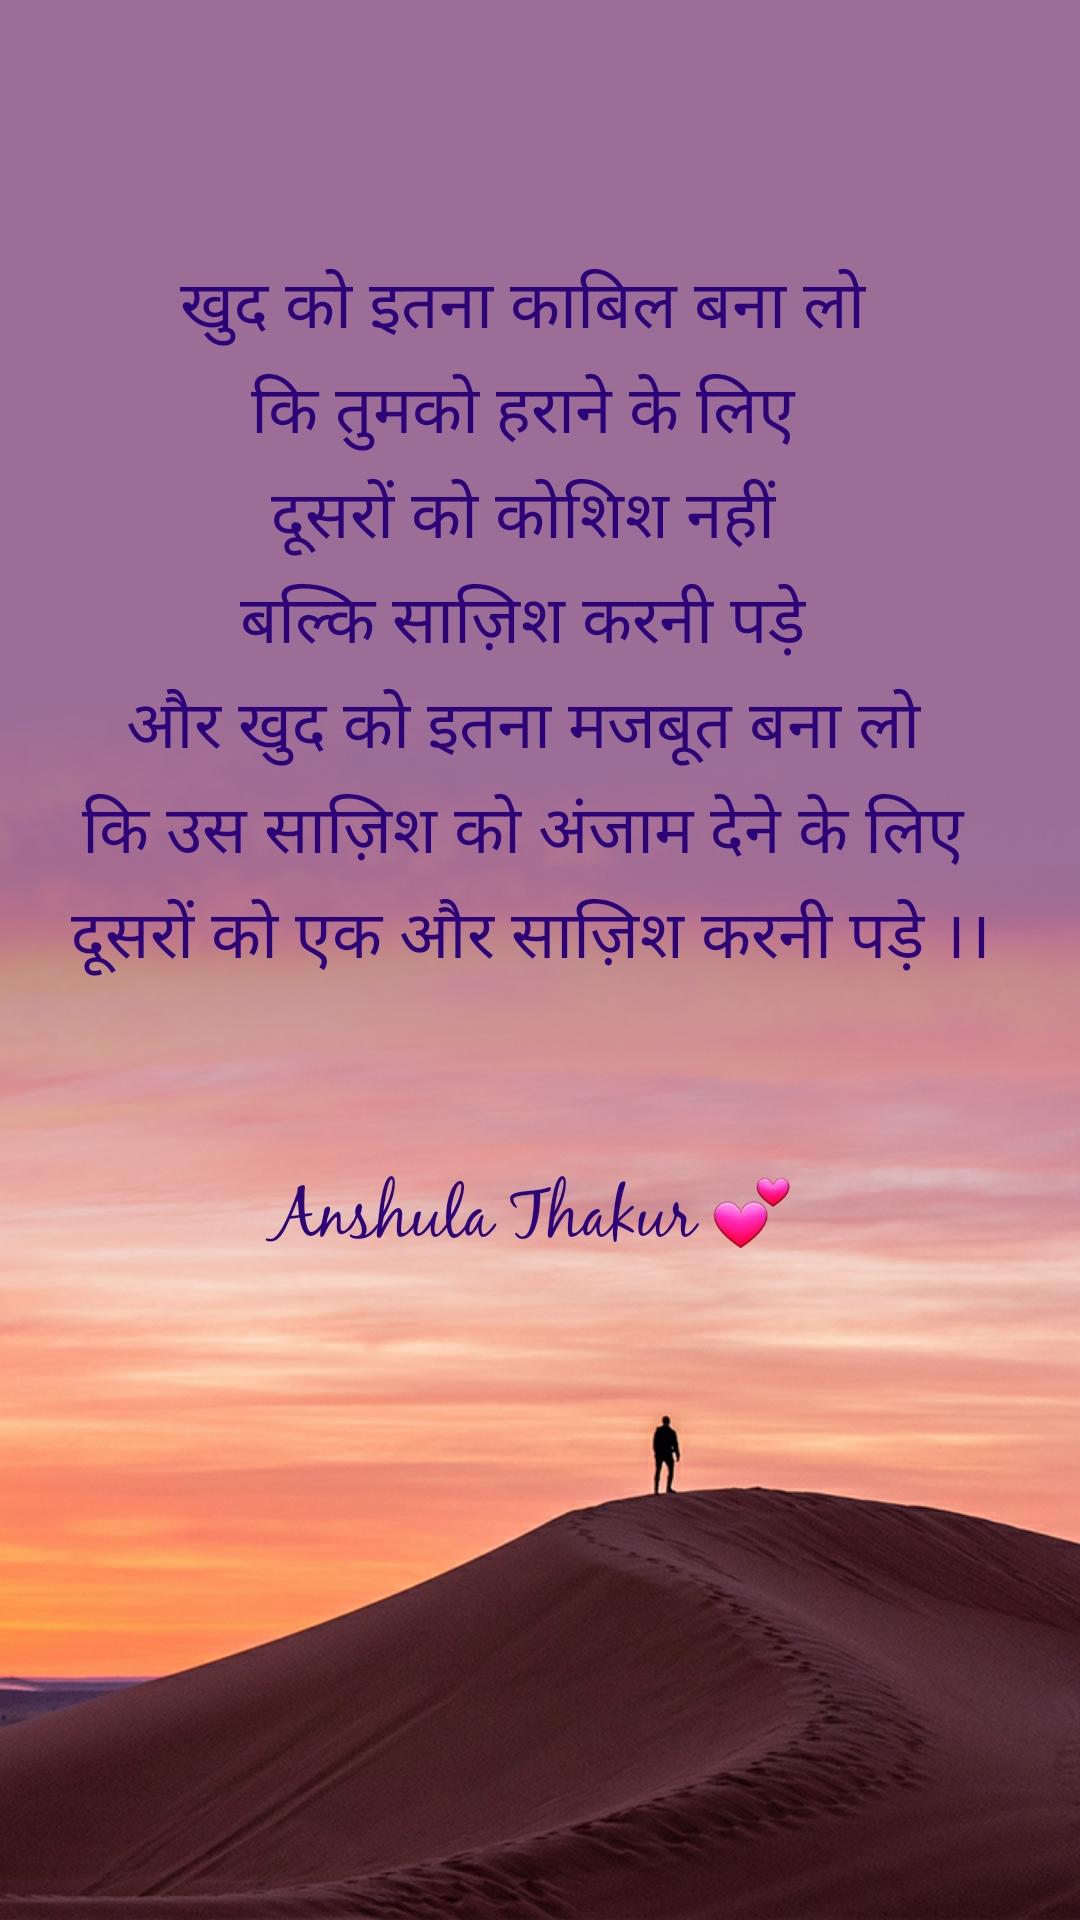 खुद को इतना काबिल बना लो  कि तुमको हराने के लिए  दूसरों को कोशिश नहीं  बल्कि साज़िश करनी पड़े  और खुद को इतना मजबूत बना लो  कि उस साज़िश को अंजाम देने के लिए  दूसरों को एक और साज़िश करनी पड़े ।।   Anshula Thakur 💕